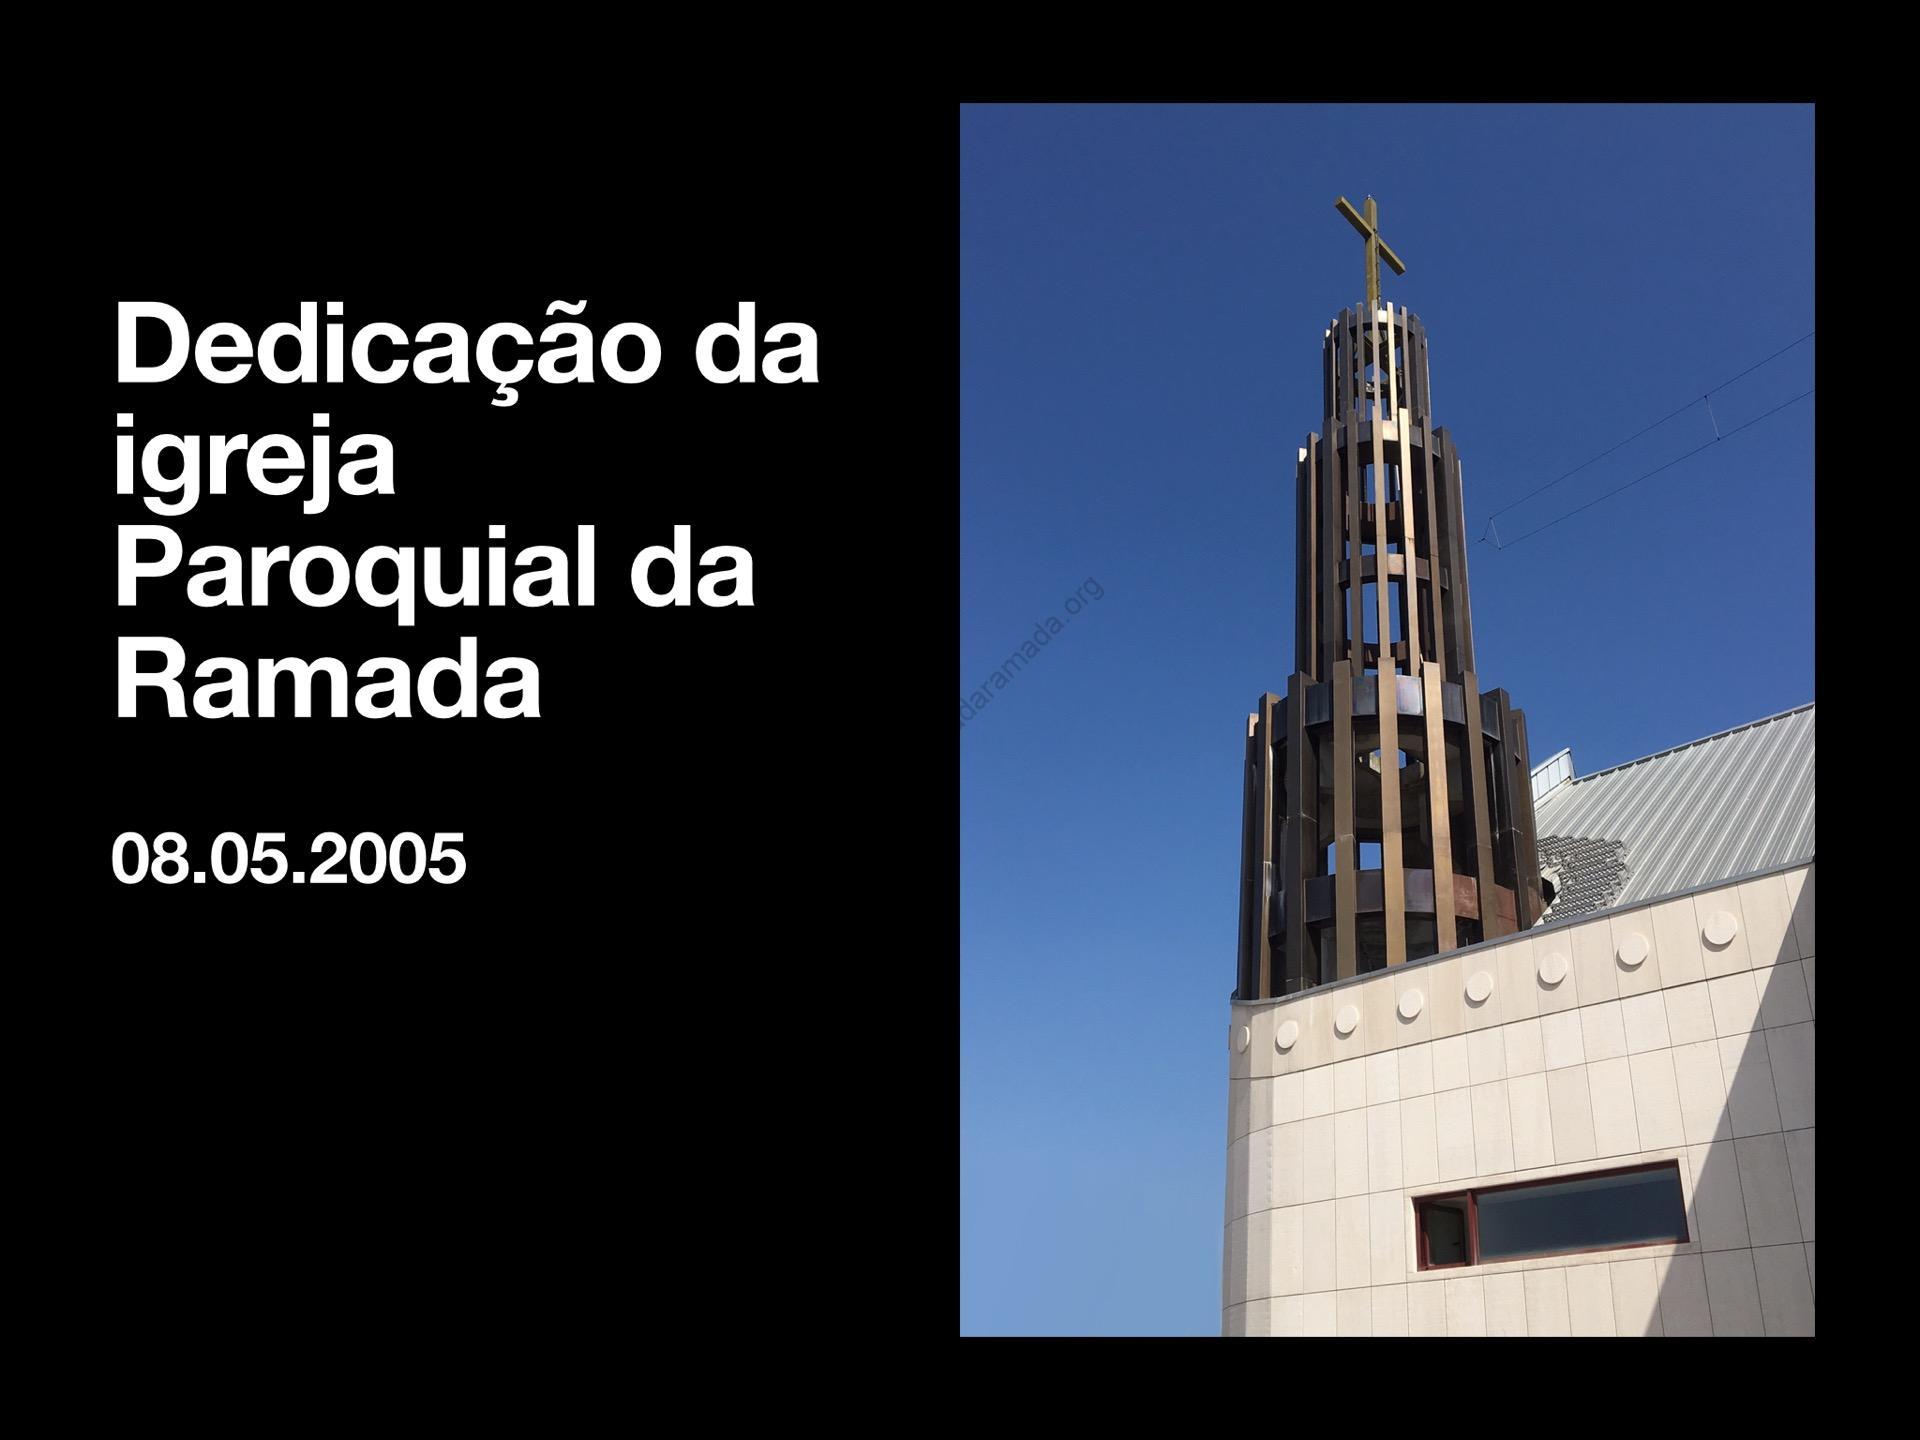 15 anos da Dedicação da nossa Igreja Paroquial